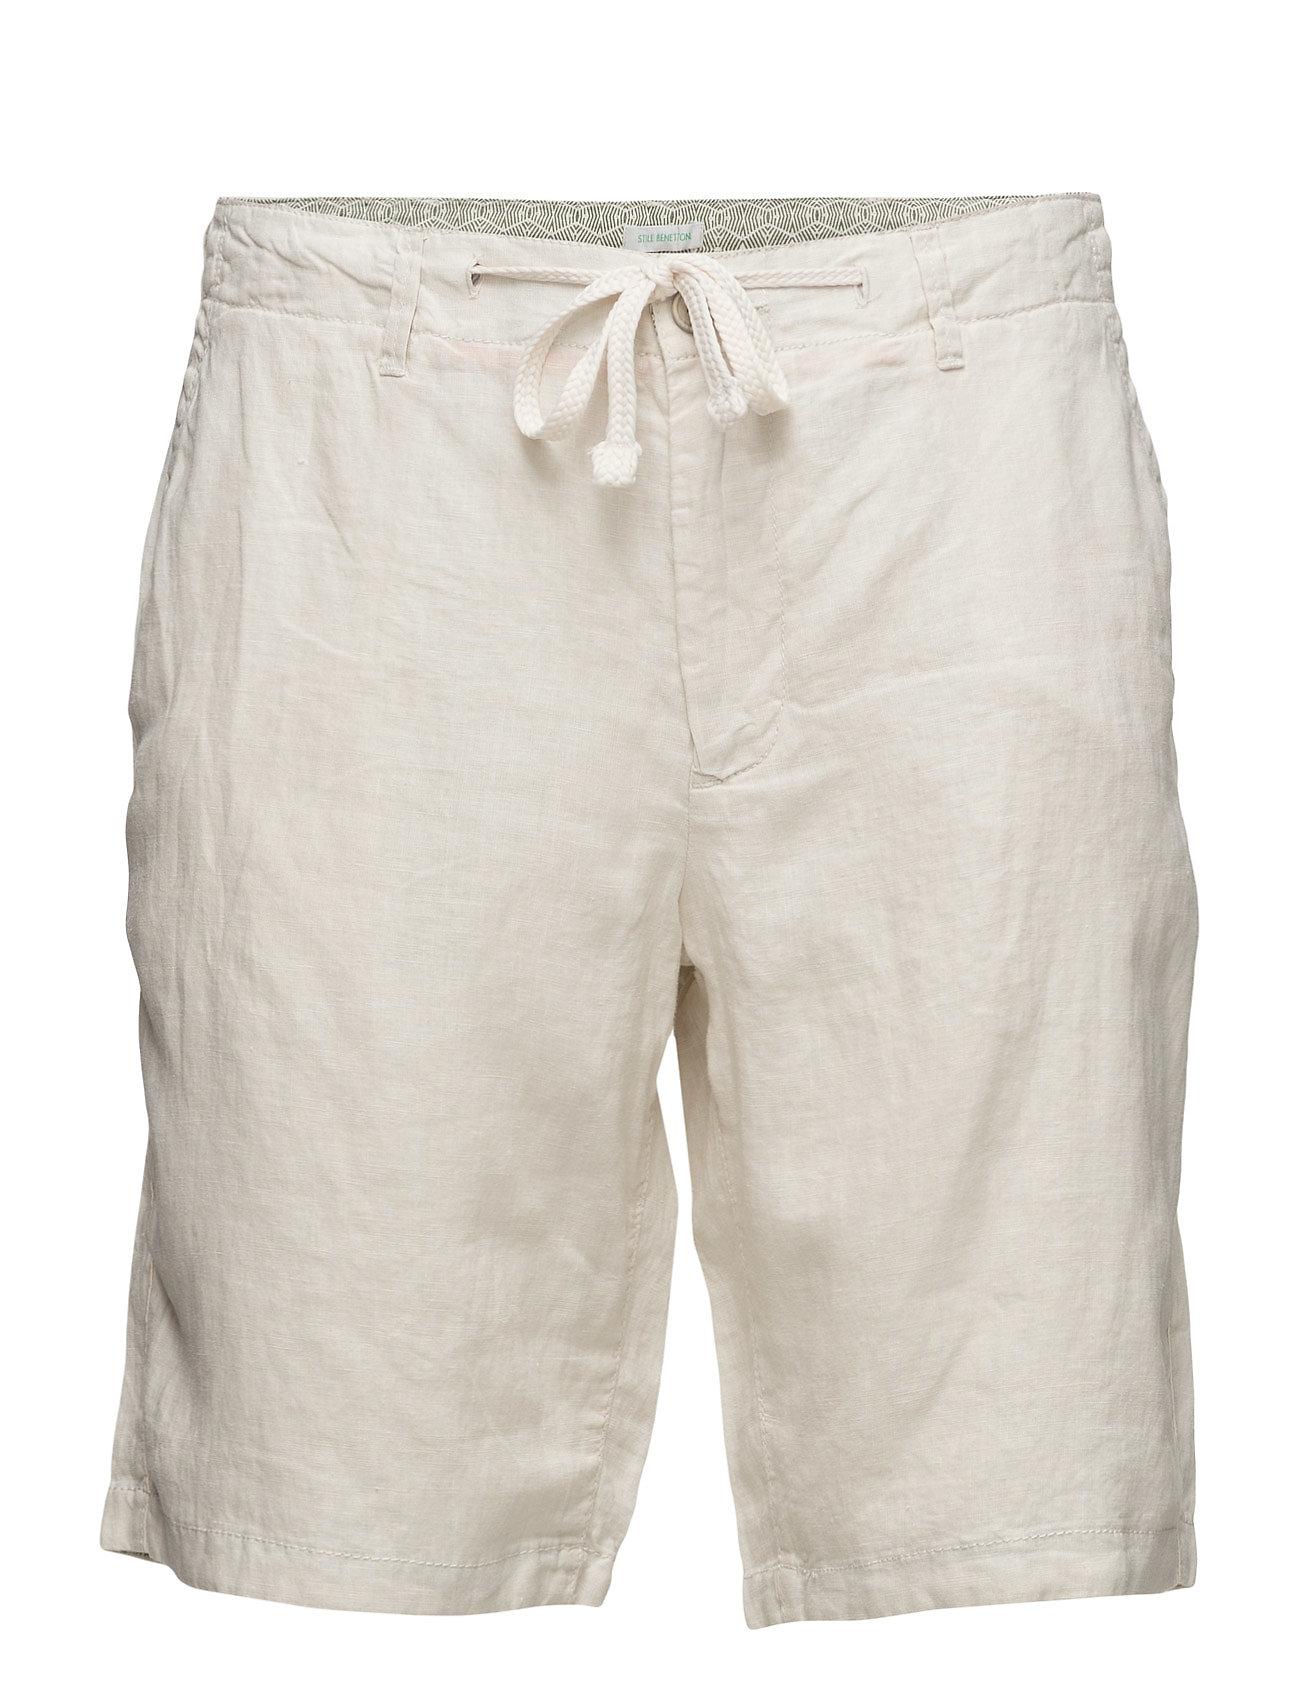 Bermuda United Colors of Benetton Shorts til Mænd i